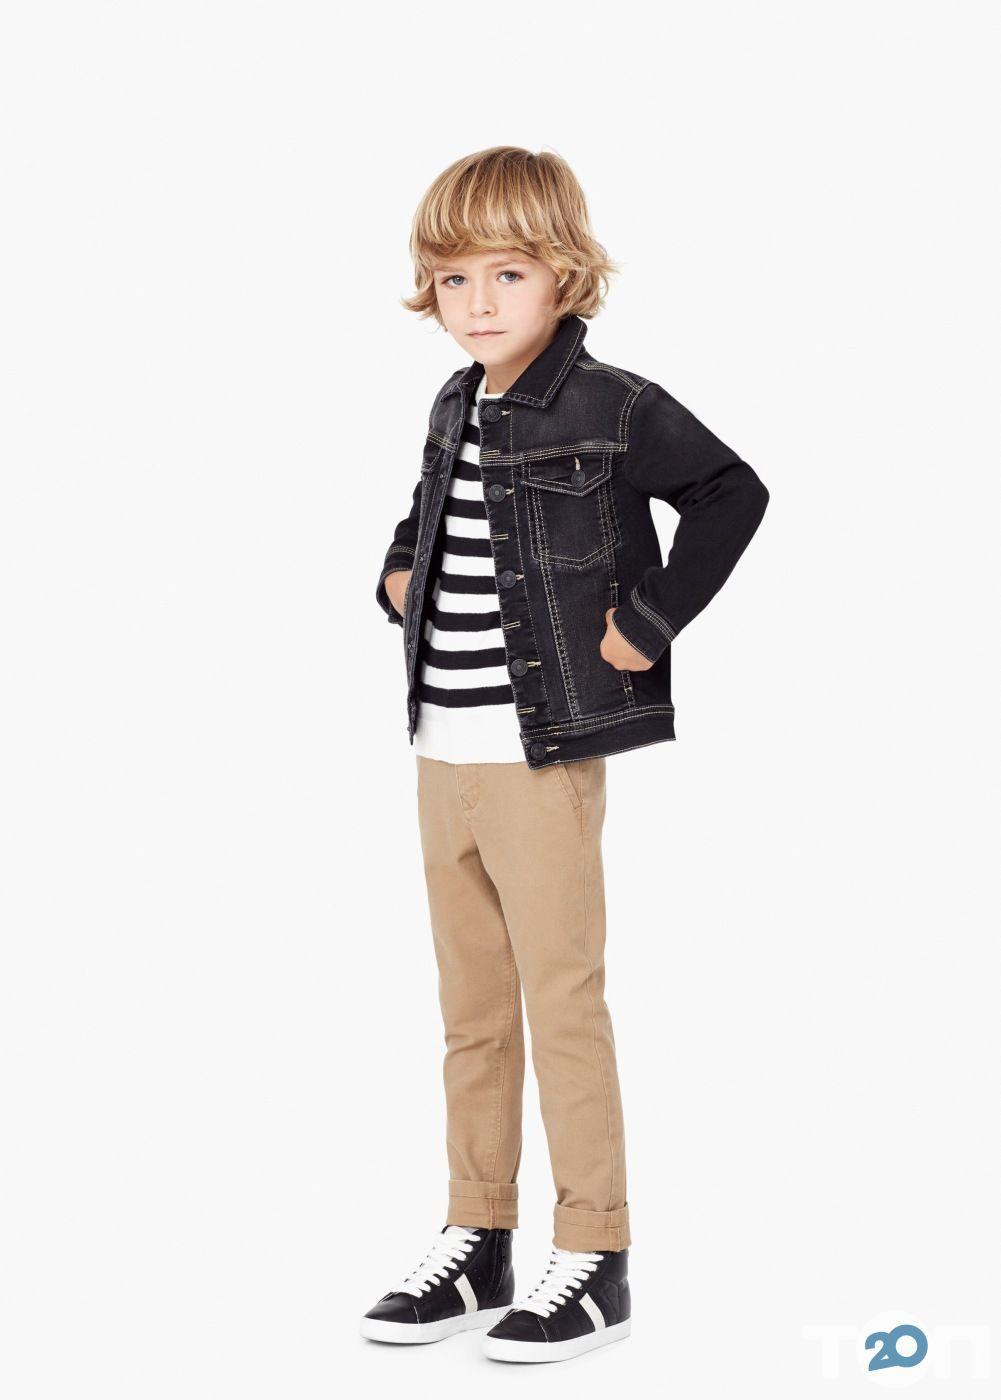 B.raize, жіночий та дитячий фабричний одяг - фото 8